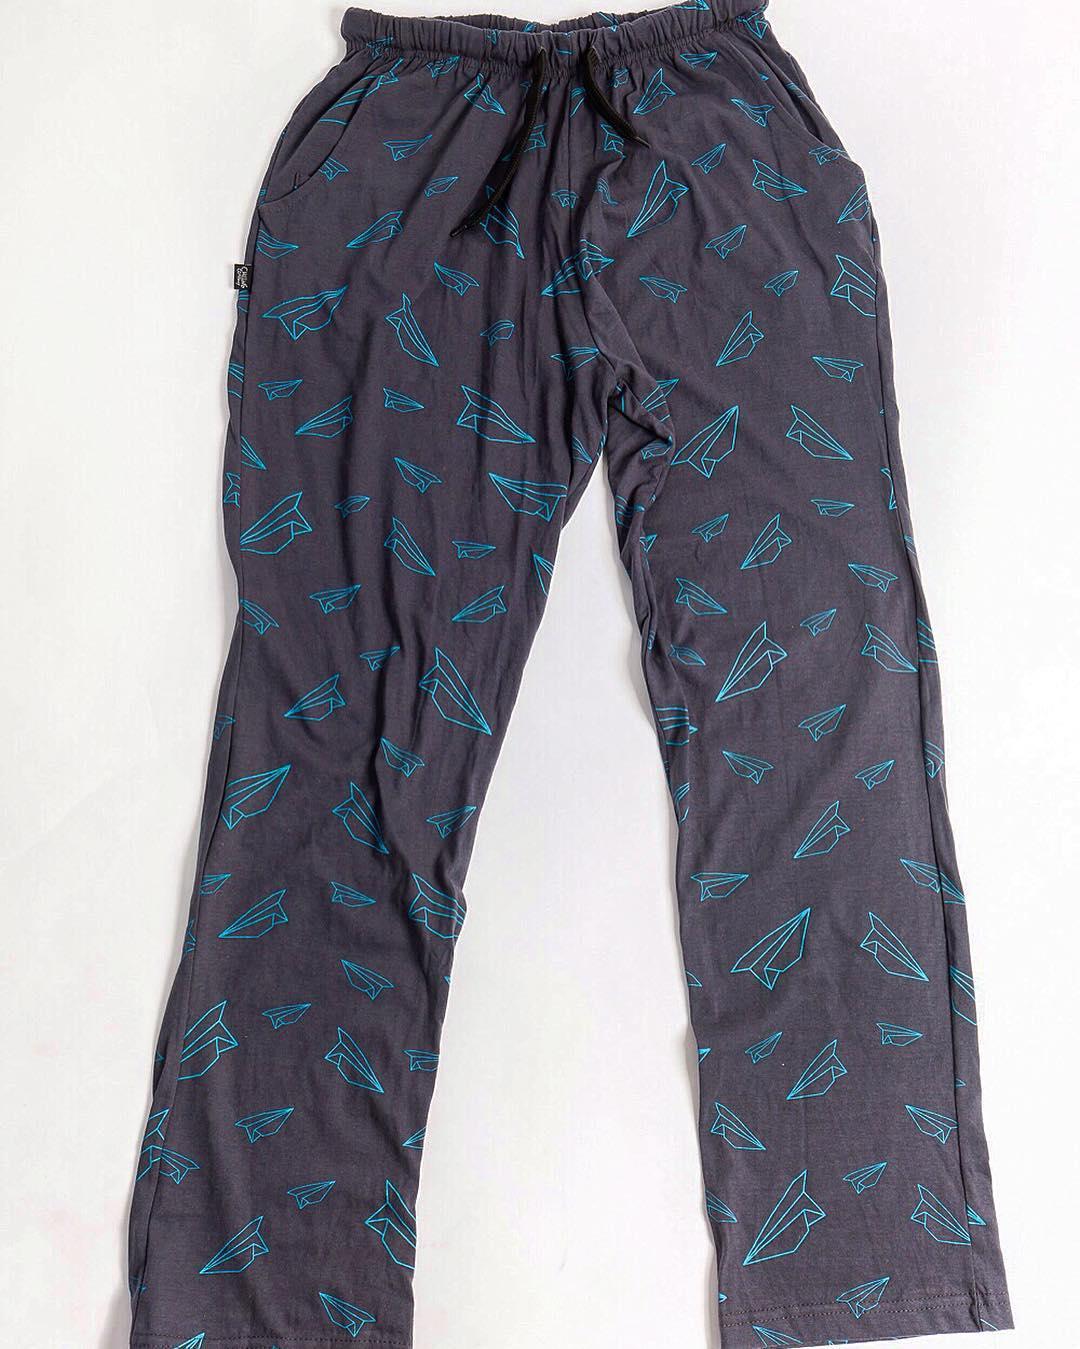 Se van los últimos dos! ✈️ Solo por www.chillingcompany.com  Talle S y XXS.  #chillingpants 100% algodón.